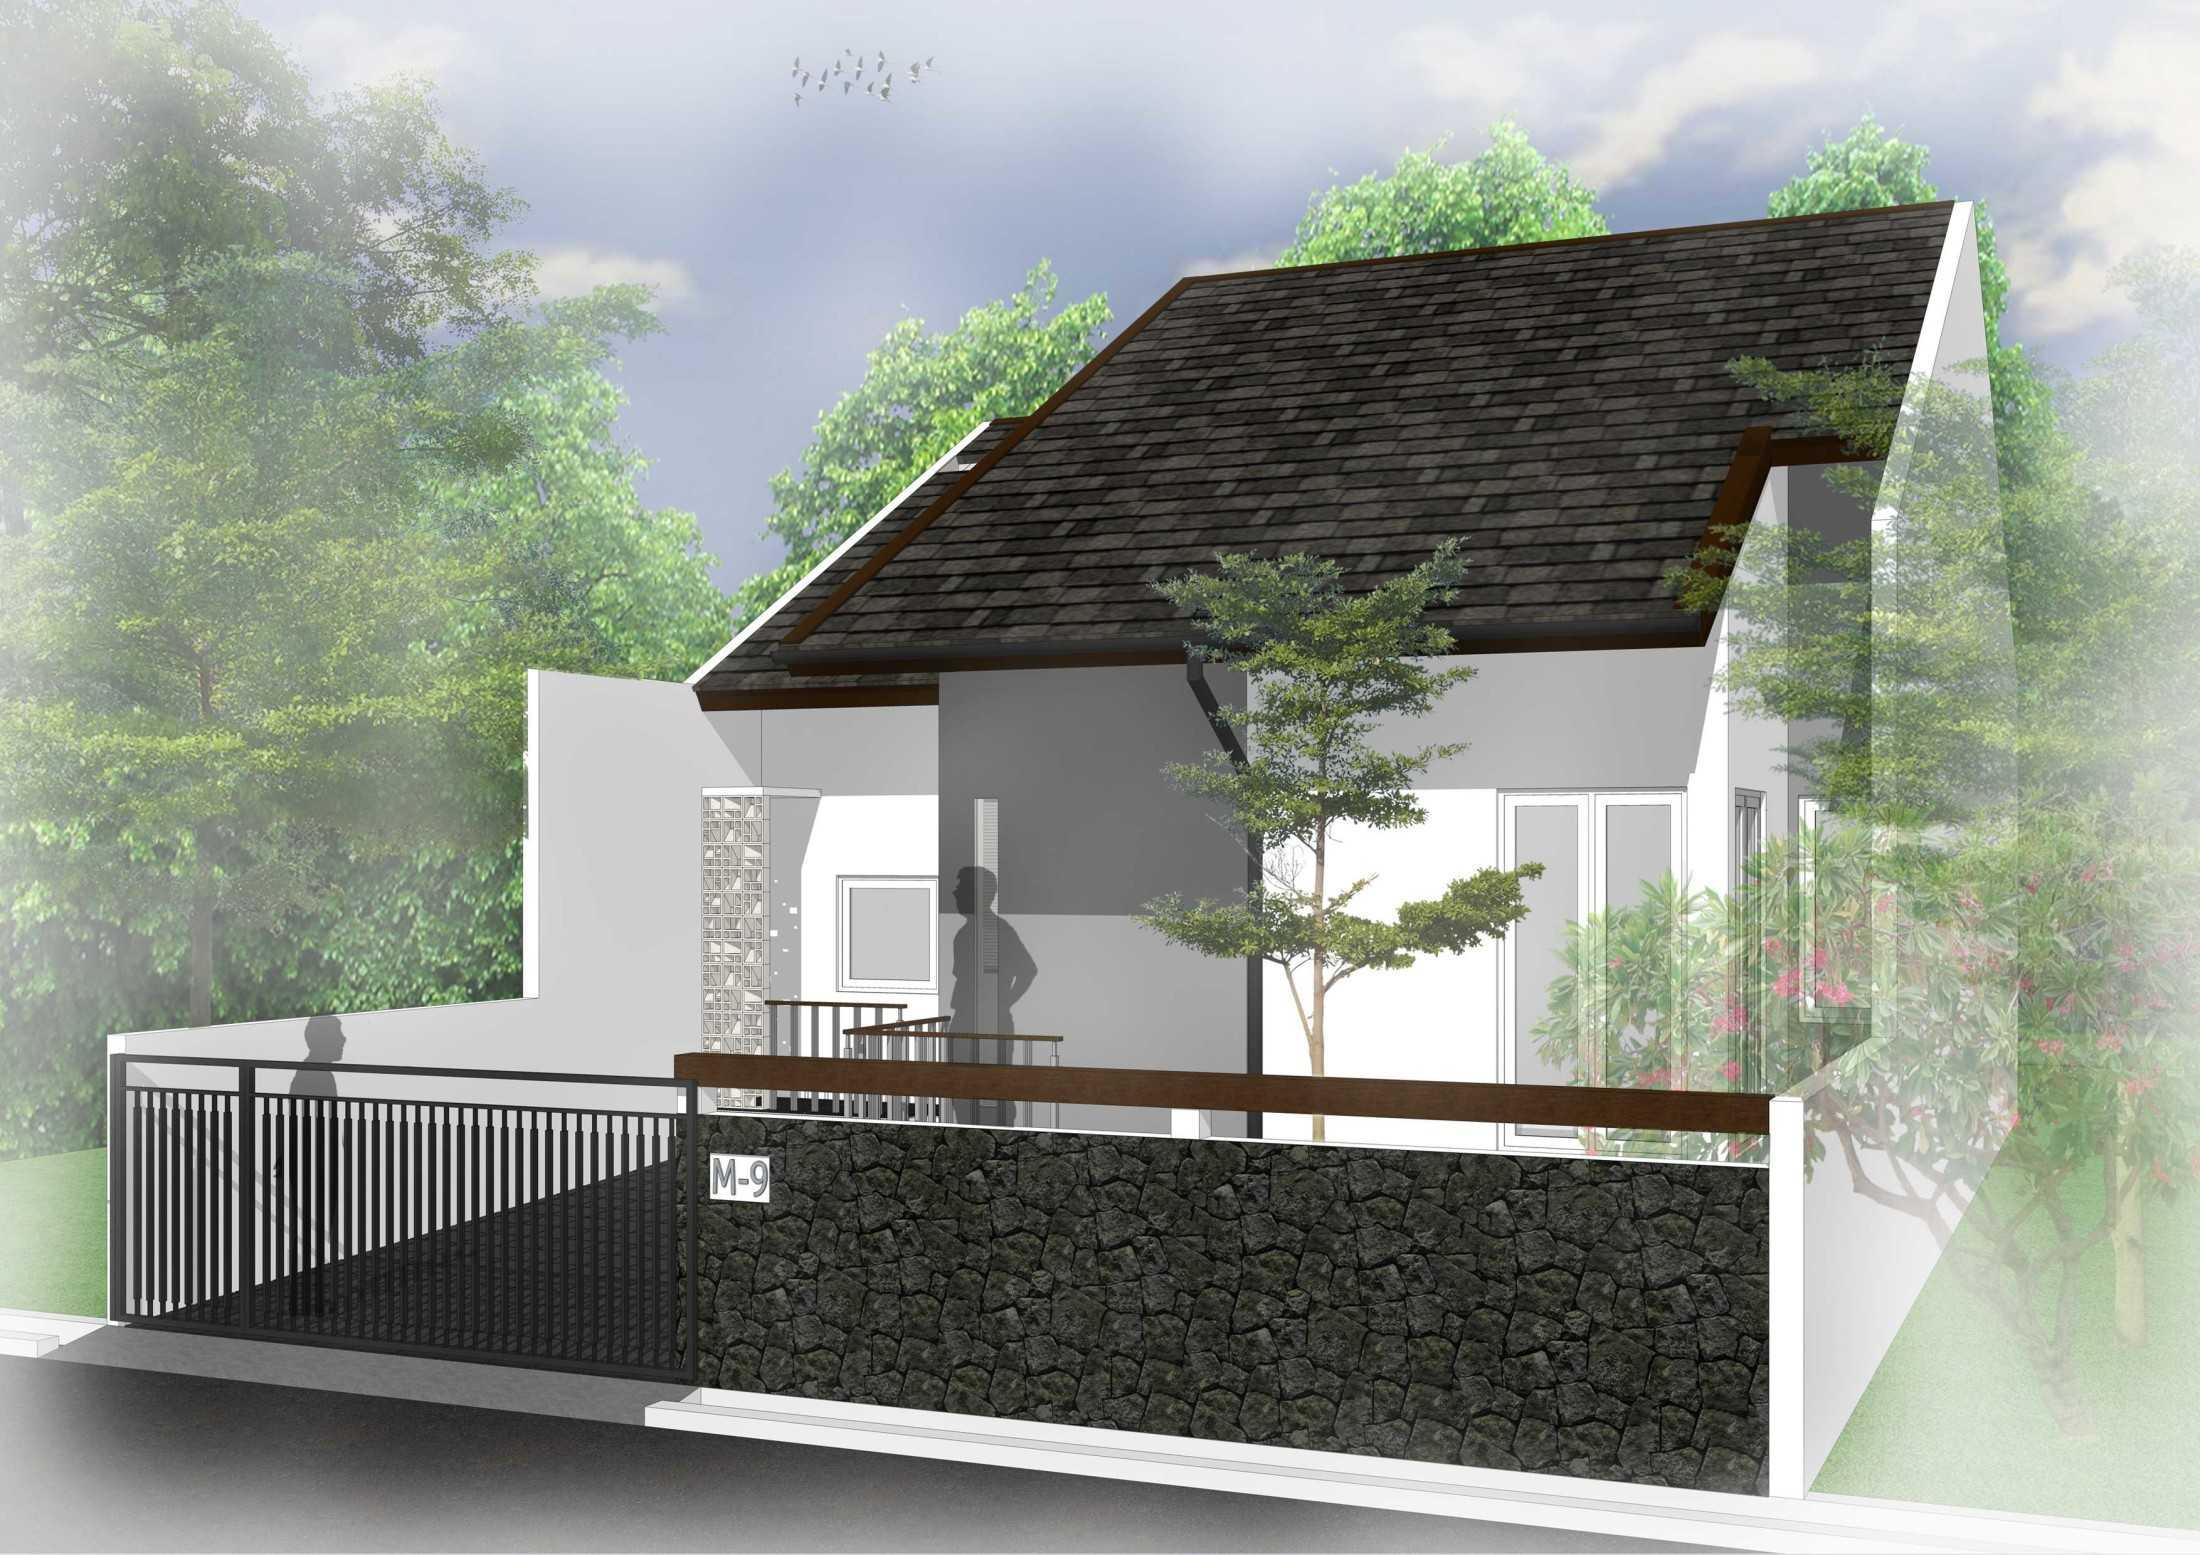 Asdesign Renovasi - Rumah Tinggal - Depok Kota Depok, Jawa Barat, Indonesia Kota Depok, Jawa Barat, Indonesia Asdesign-Rumah-Tinggal-Depok  128732